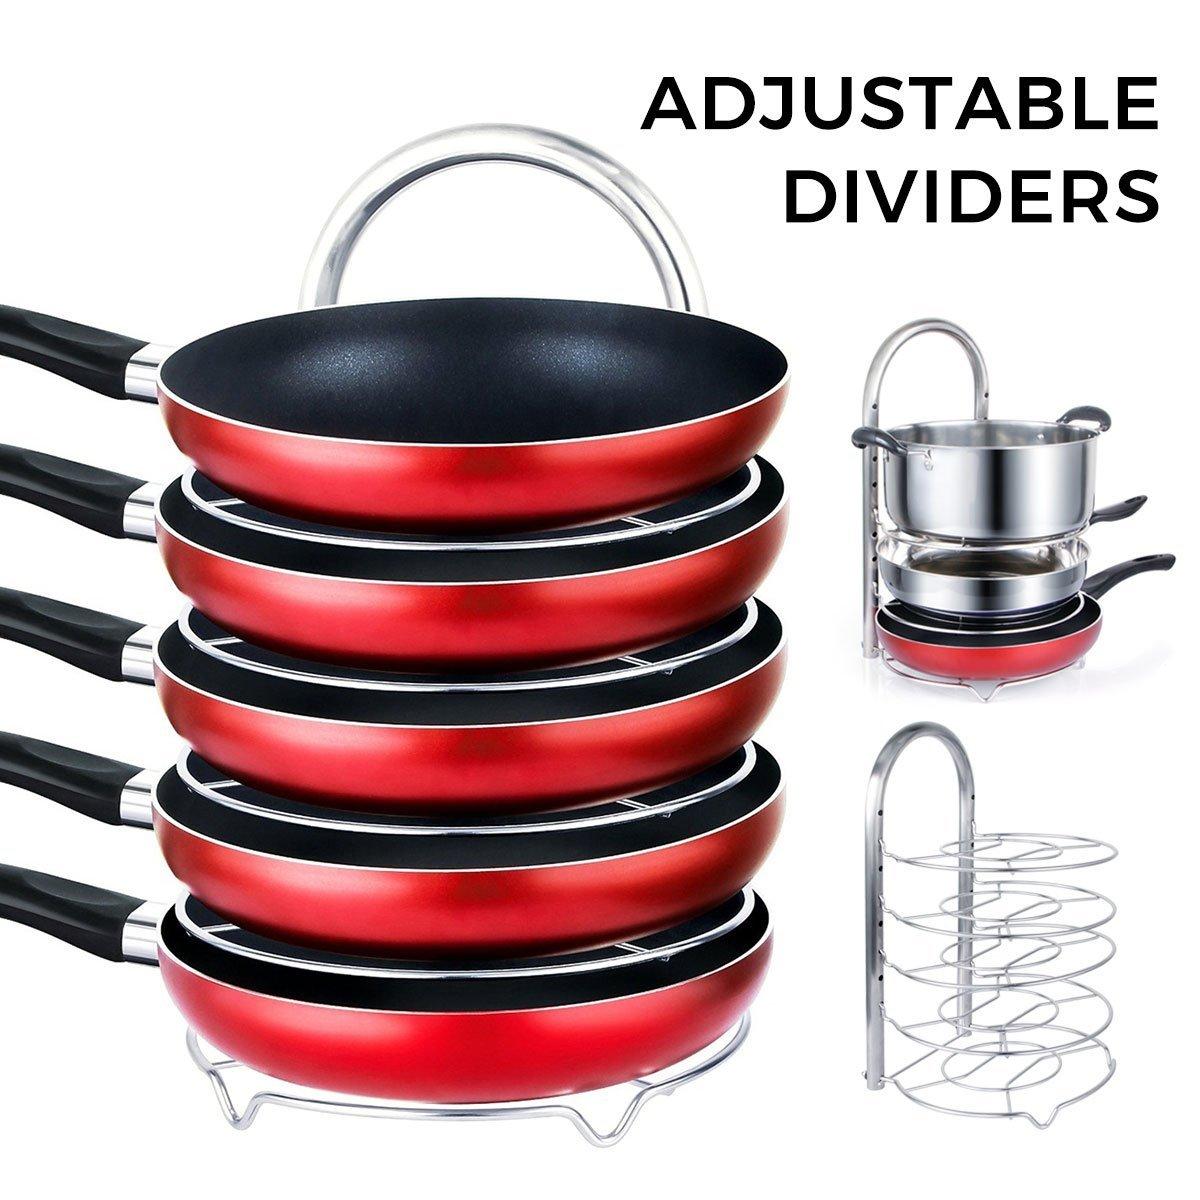 Lifewit Height Adjustable Pan Pot Organizer Rack - $18.99 after promo code